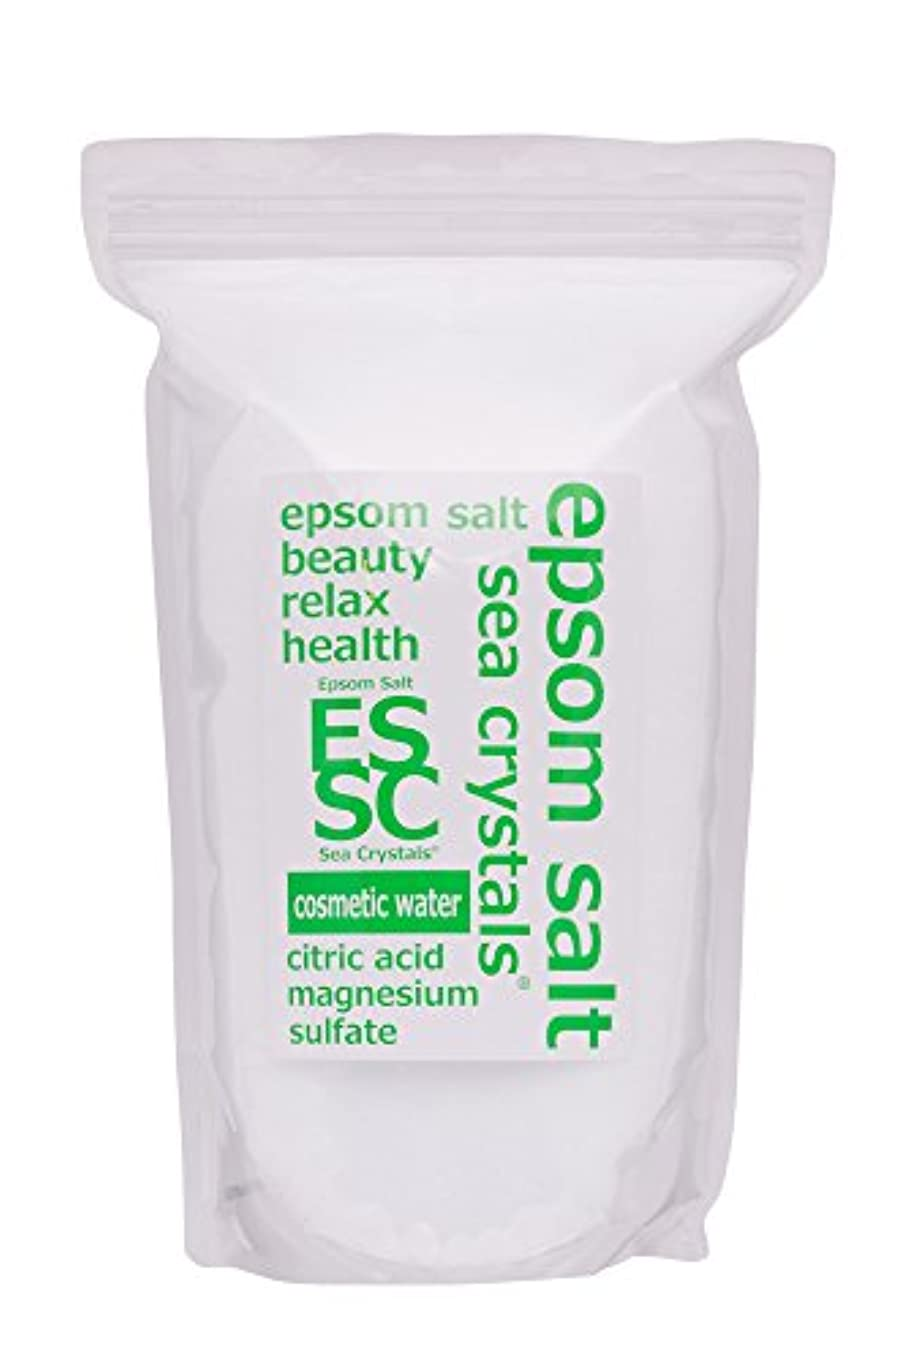 保持病的ファイバエプソムソルト コスメティックウォーター 2.2kg入浴剤 (浴用化粧品)クエン酸配合 シークリスタルス